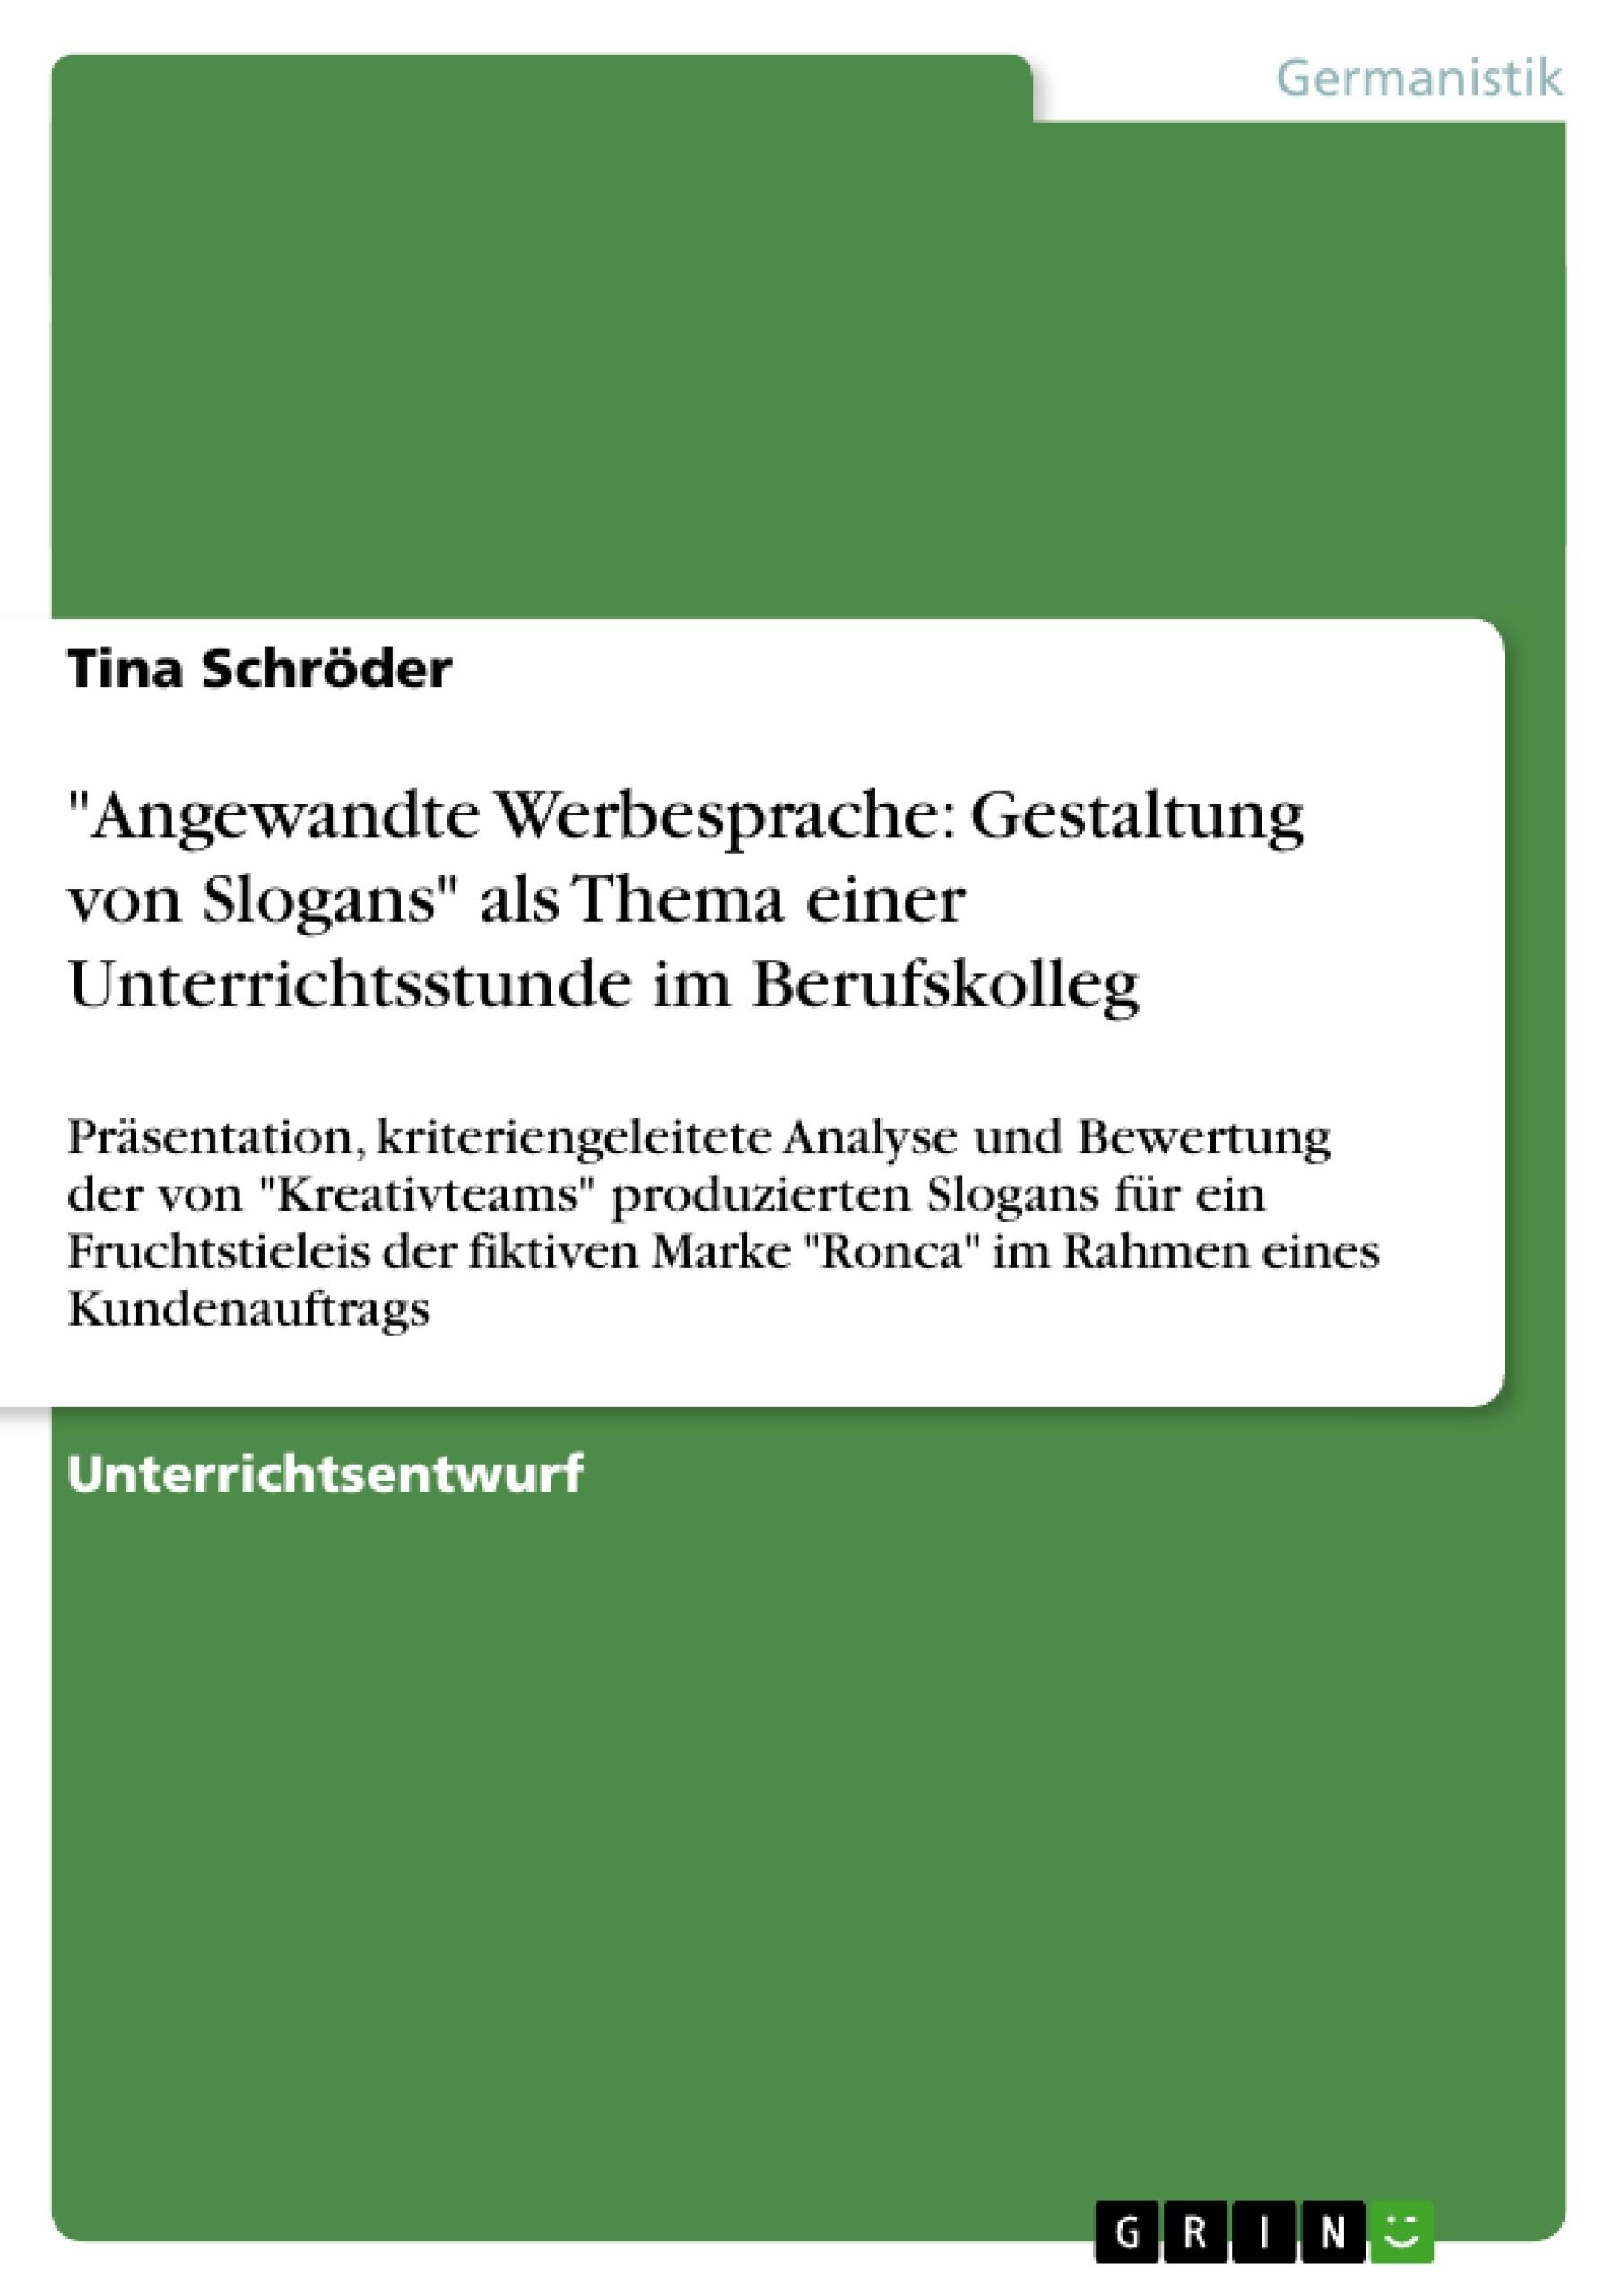 """Titel: """"Angewandte Werbesprache: Gestaltung von Slogans"""" als Thema einer Unterrichtsstunde im Berufskolleg"""